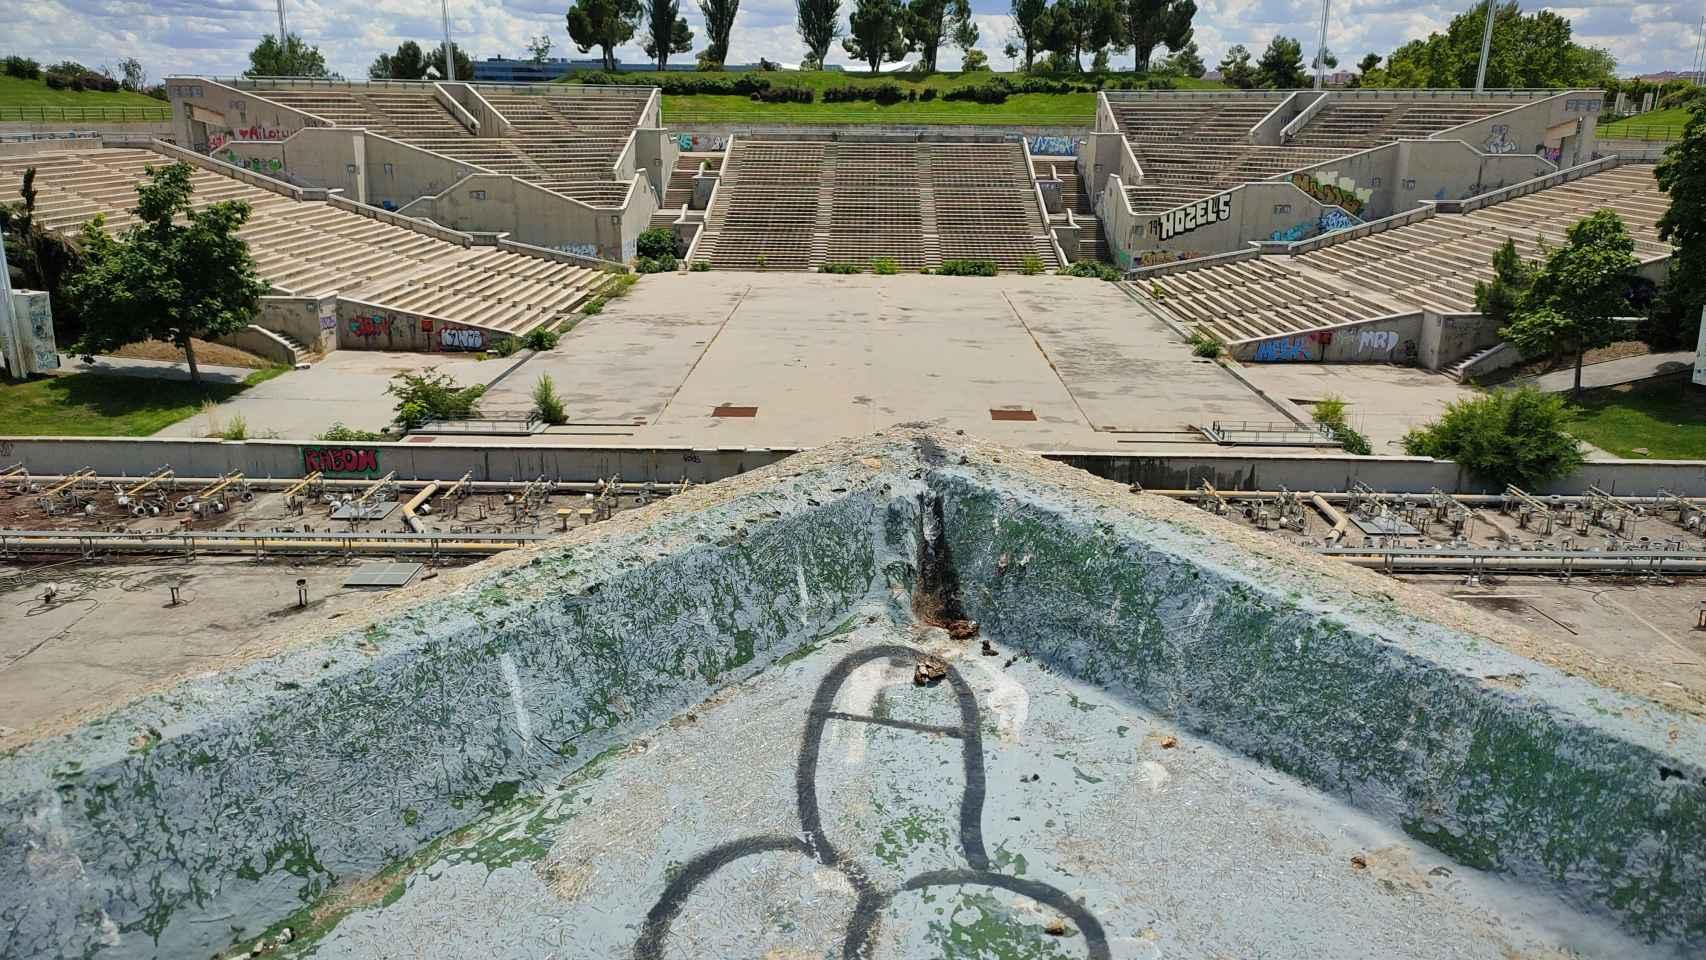 Así está el auditorio del Parque Juan Carlos I de Madrid tras 13 años de abandono.